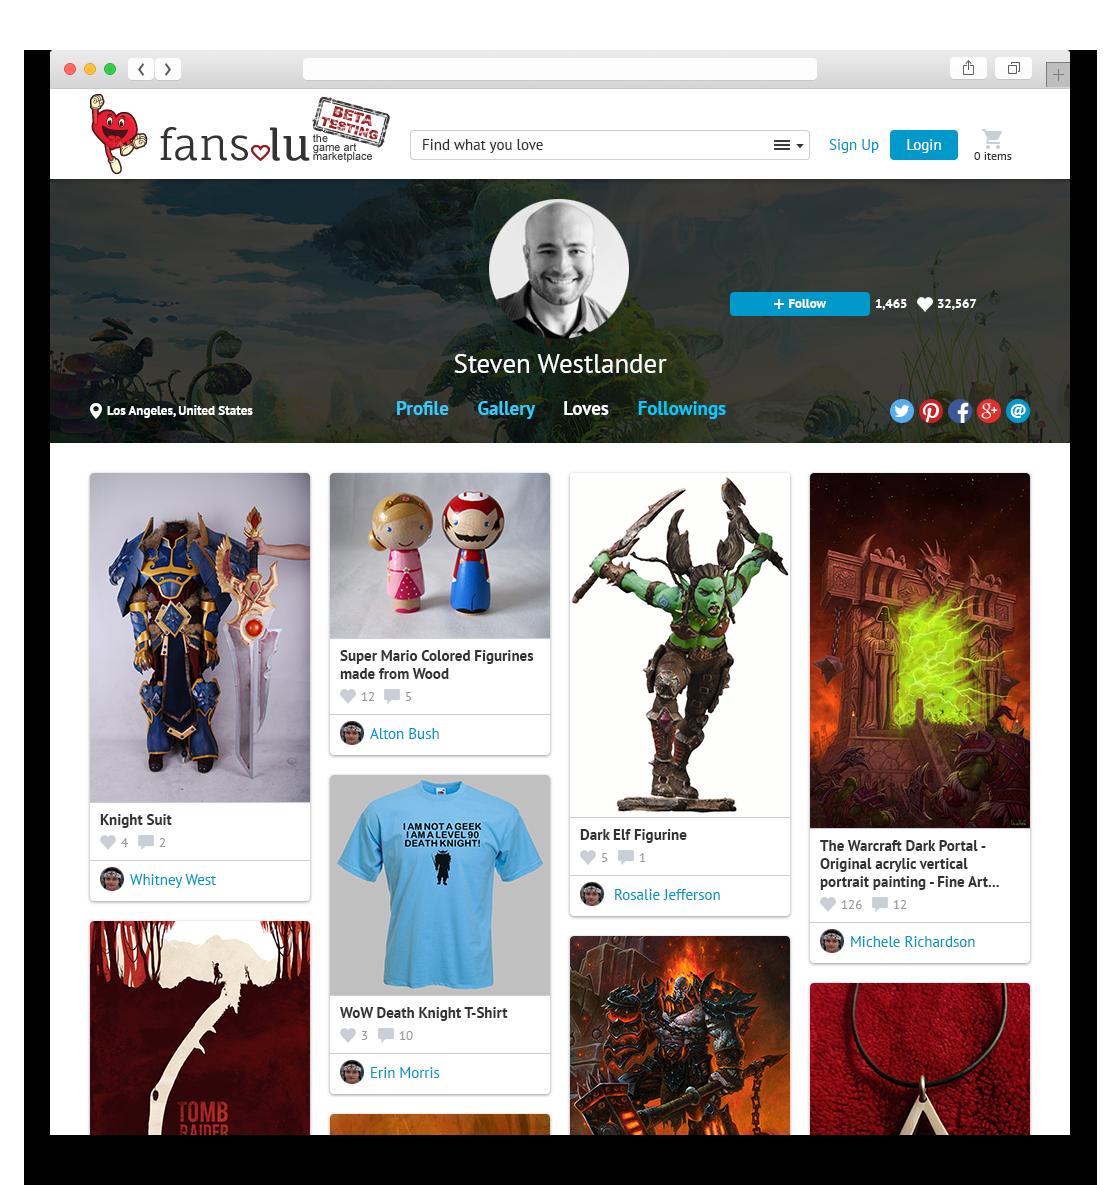 fanslu_mvp_artist_public_loves_page